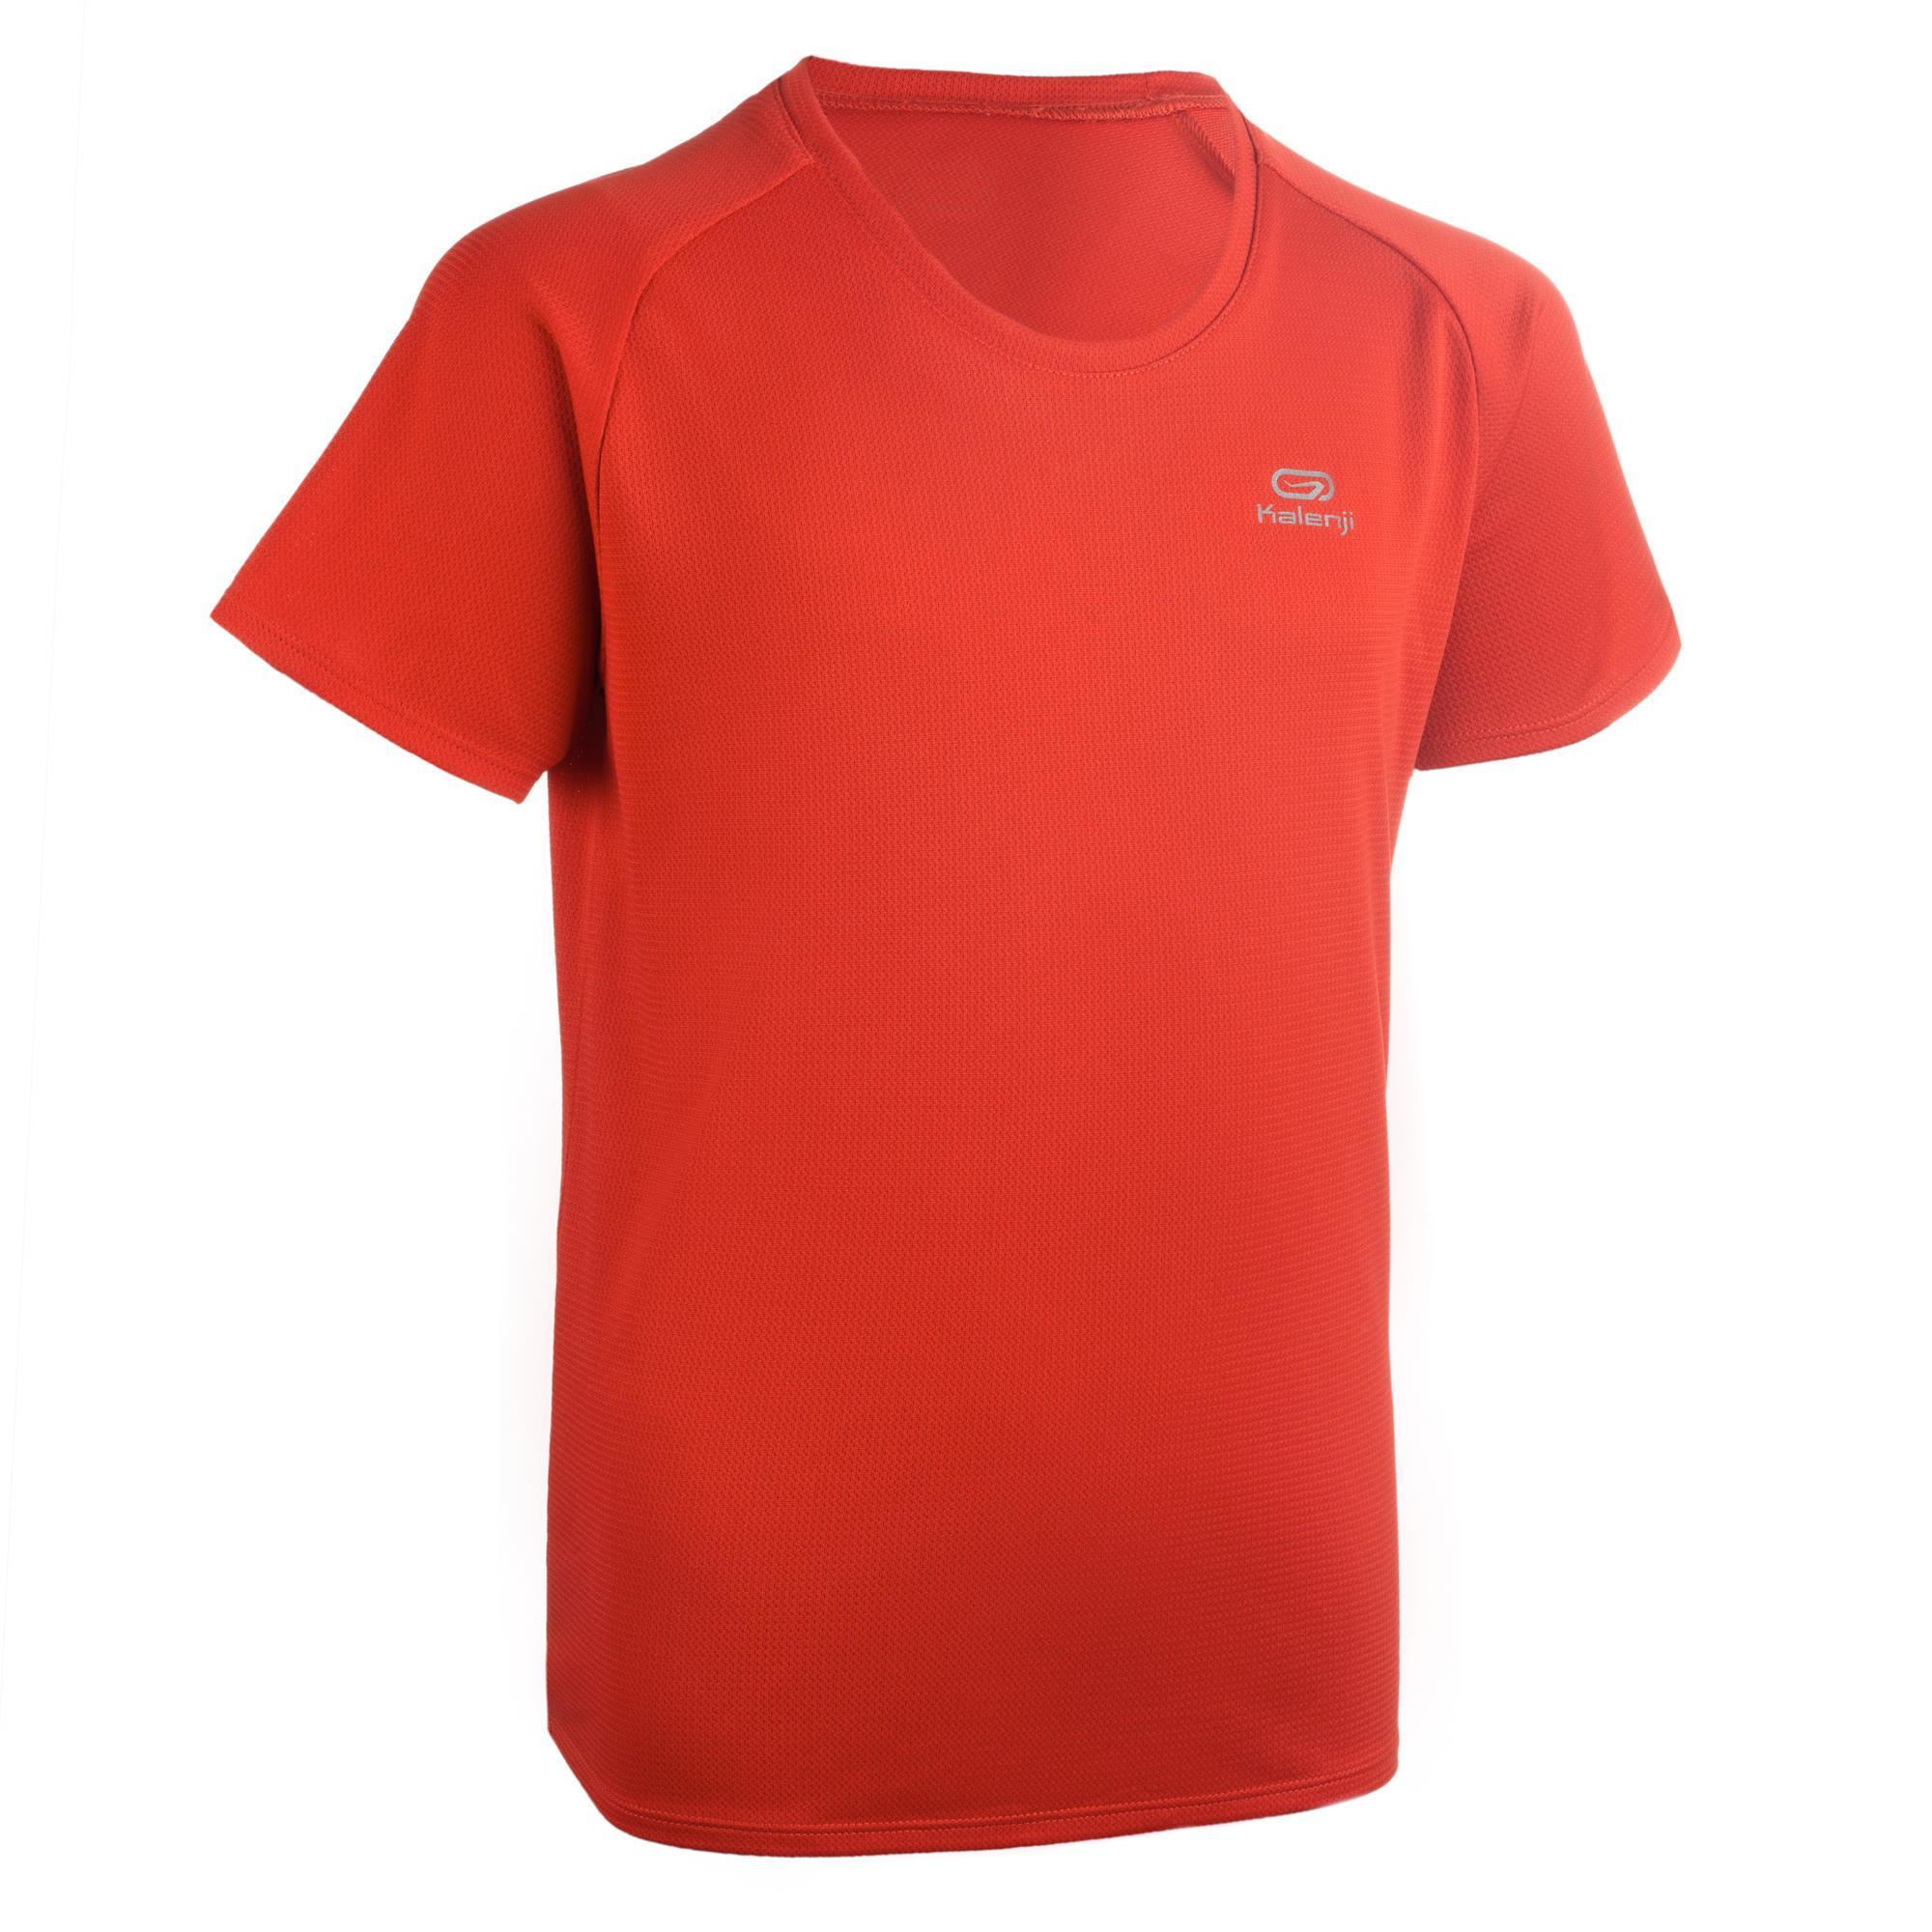 Kalenji Atletiek-T-shirt kinderen club personaliseerbaar rood